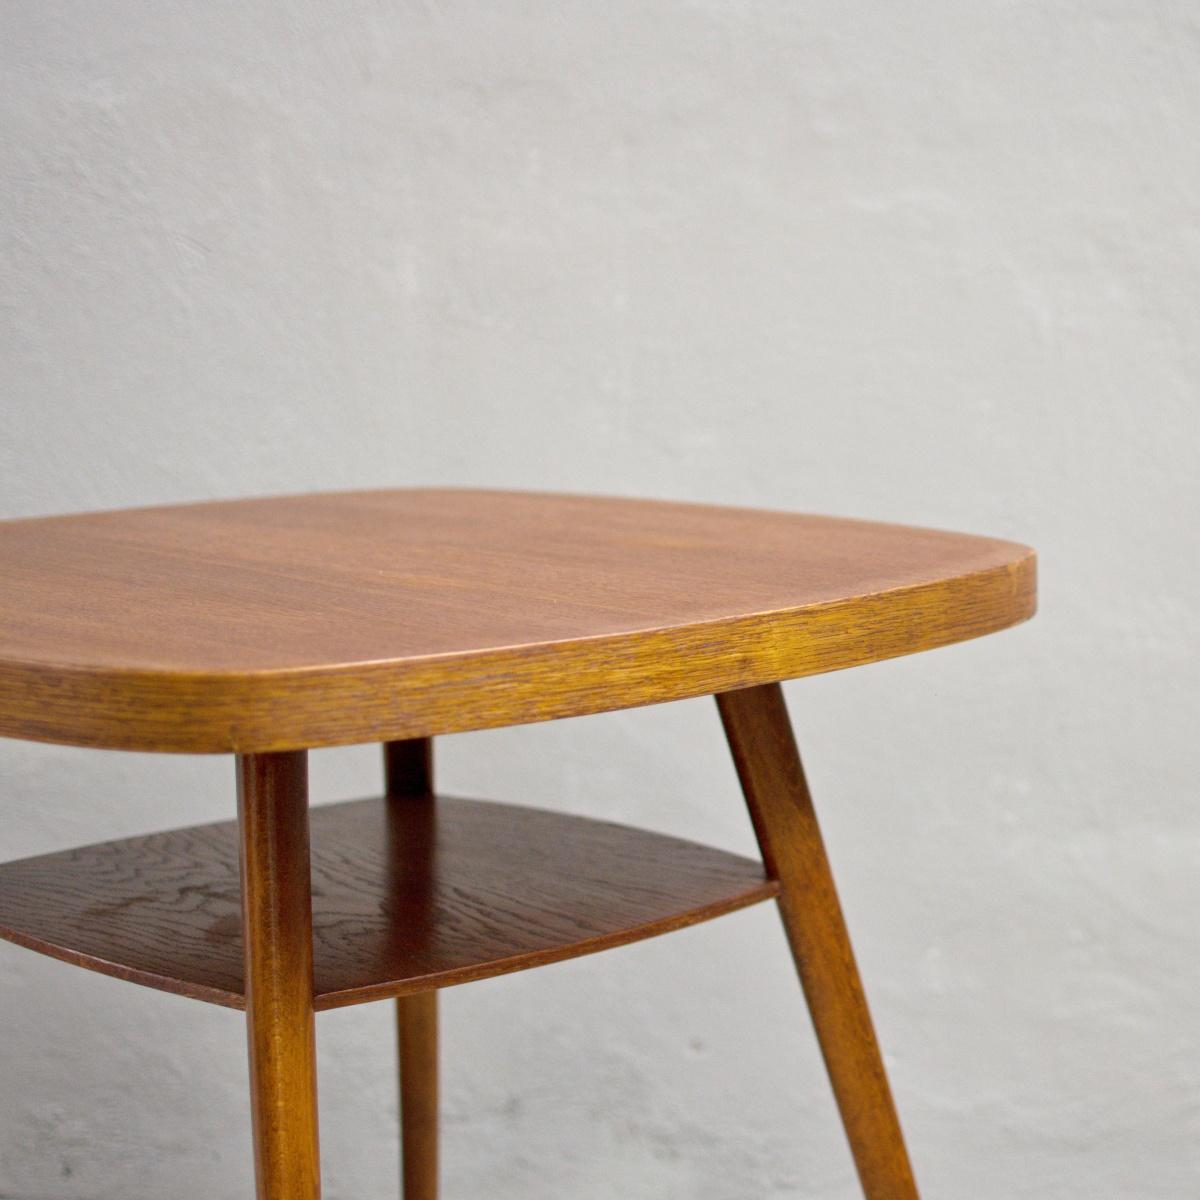 Prodej retro nábytku konferenční stolek